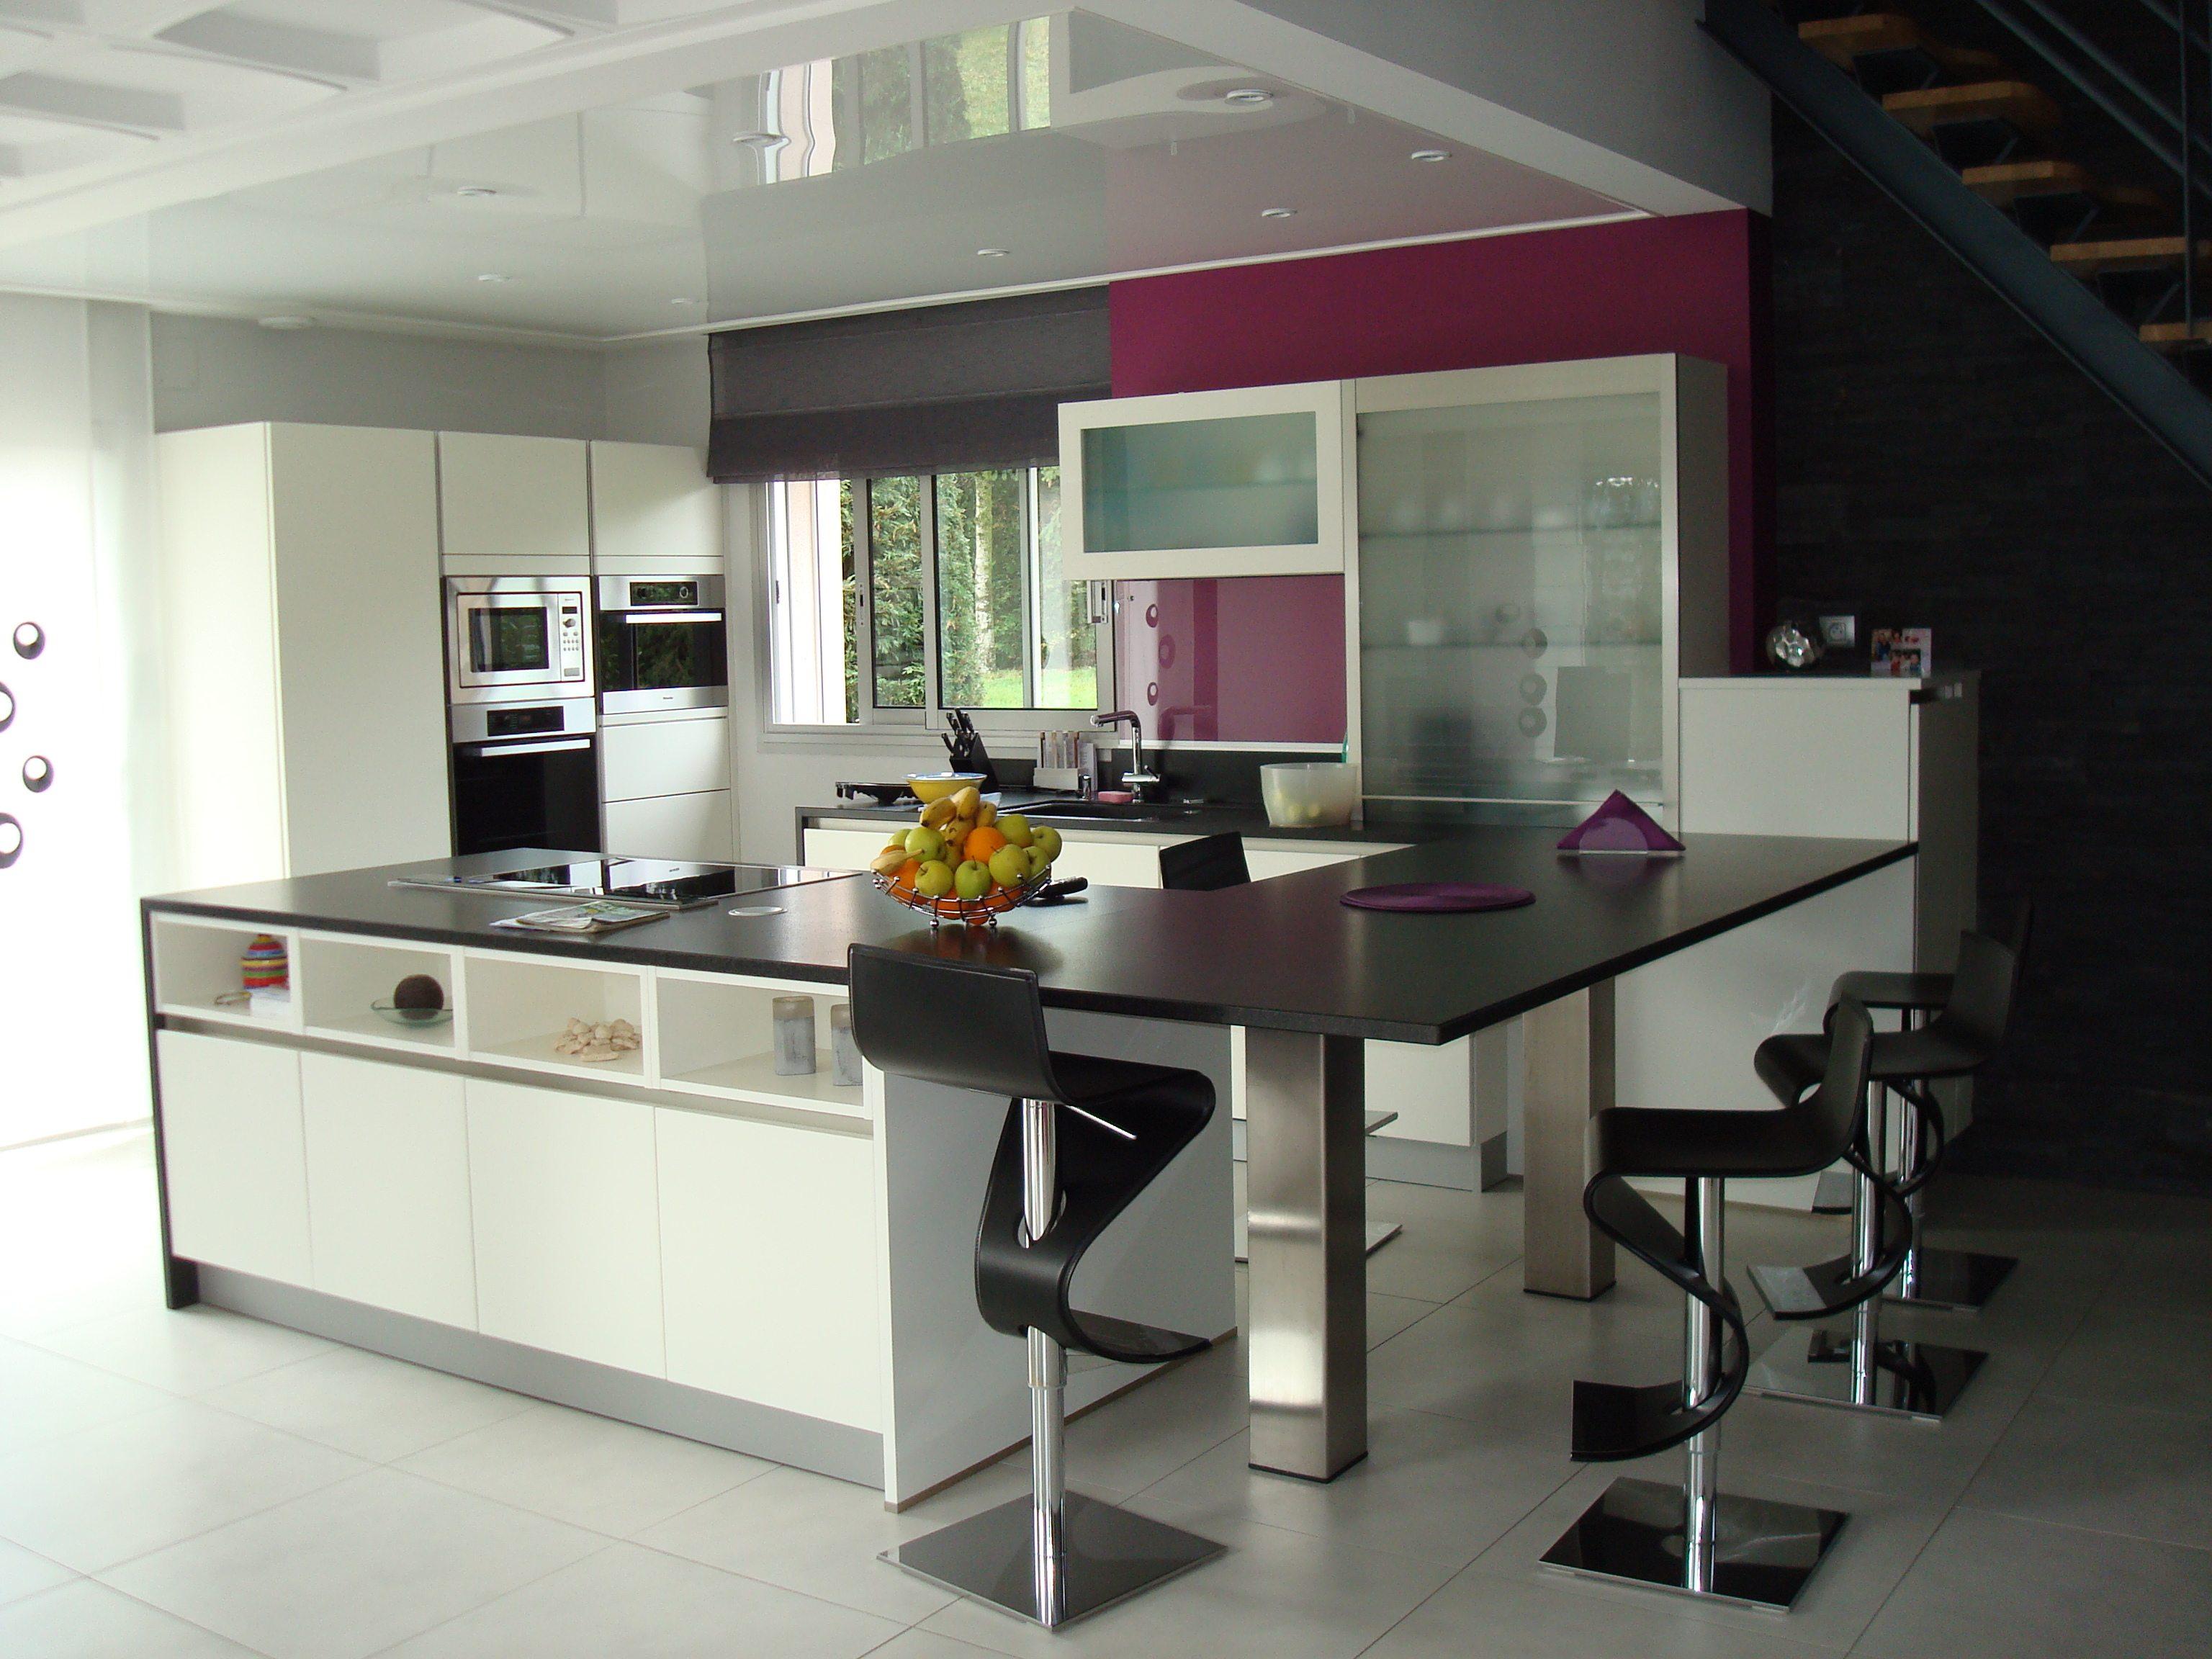 modèle de cuisine blanche - art & création